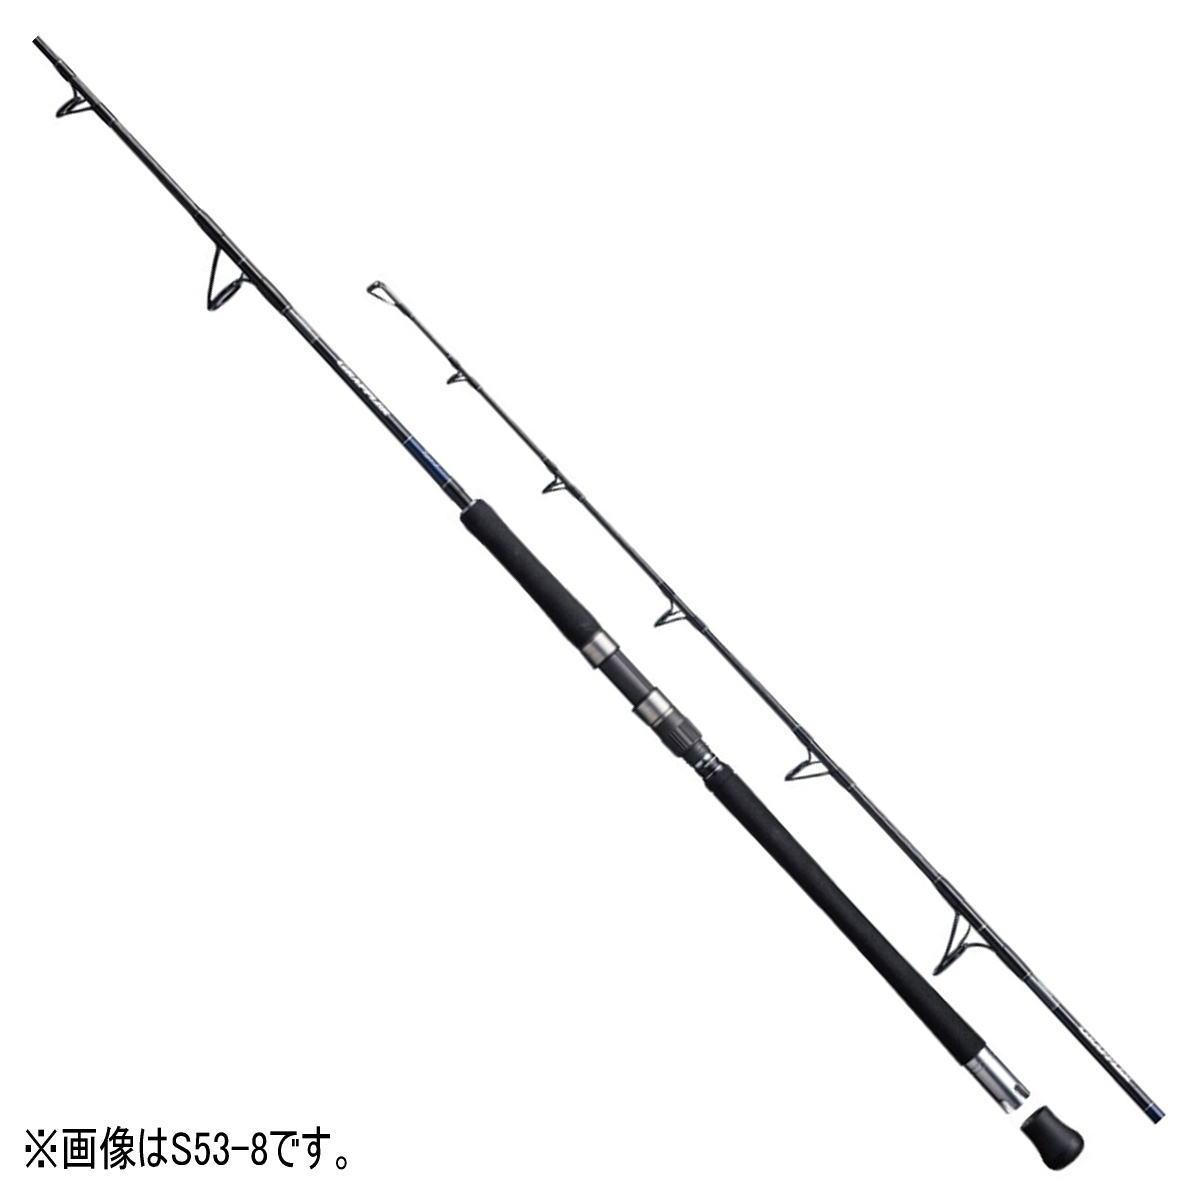 【送料無料5】シマノ ロッド '19 グラップラー タイプJ S56-7 【2019年新製品】